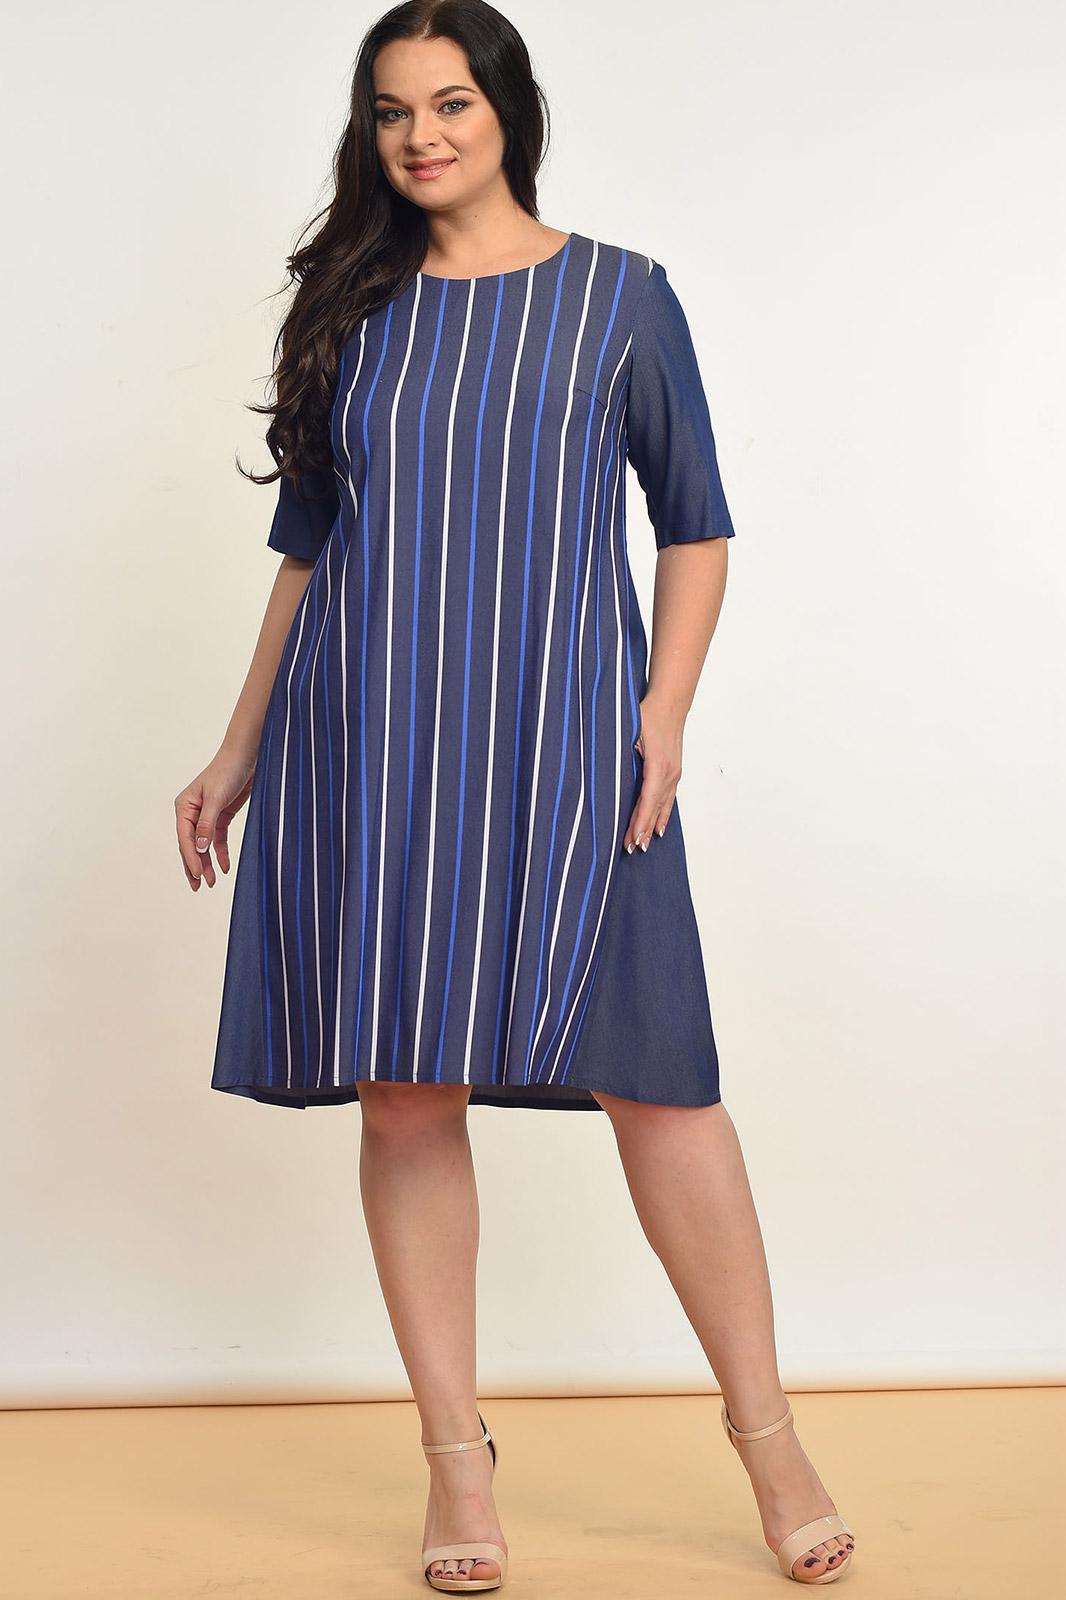 Купить Платье Lady Style Classic, 1336 синий в полоску, Беларусь